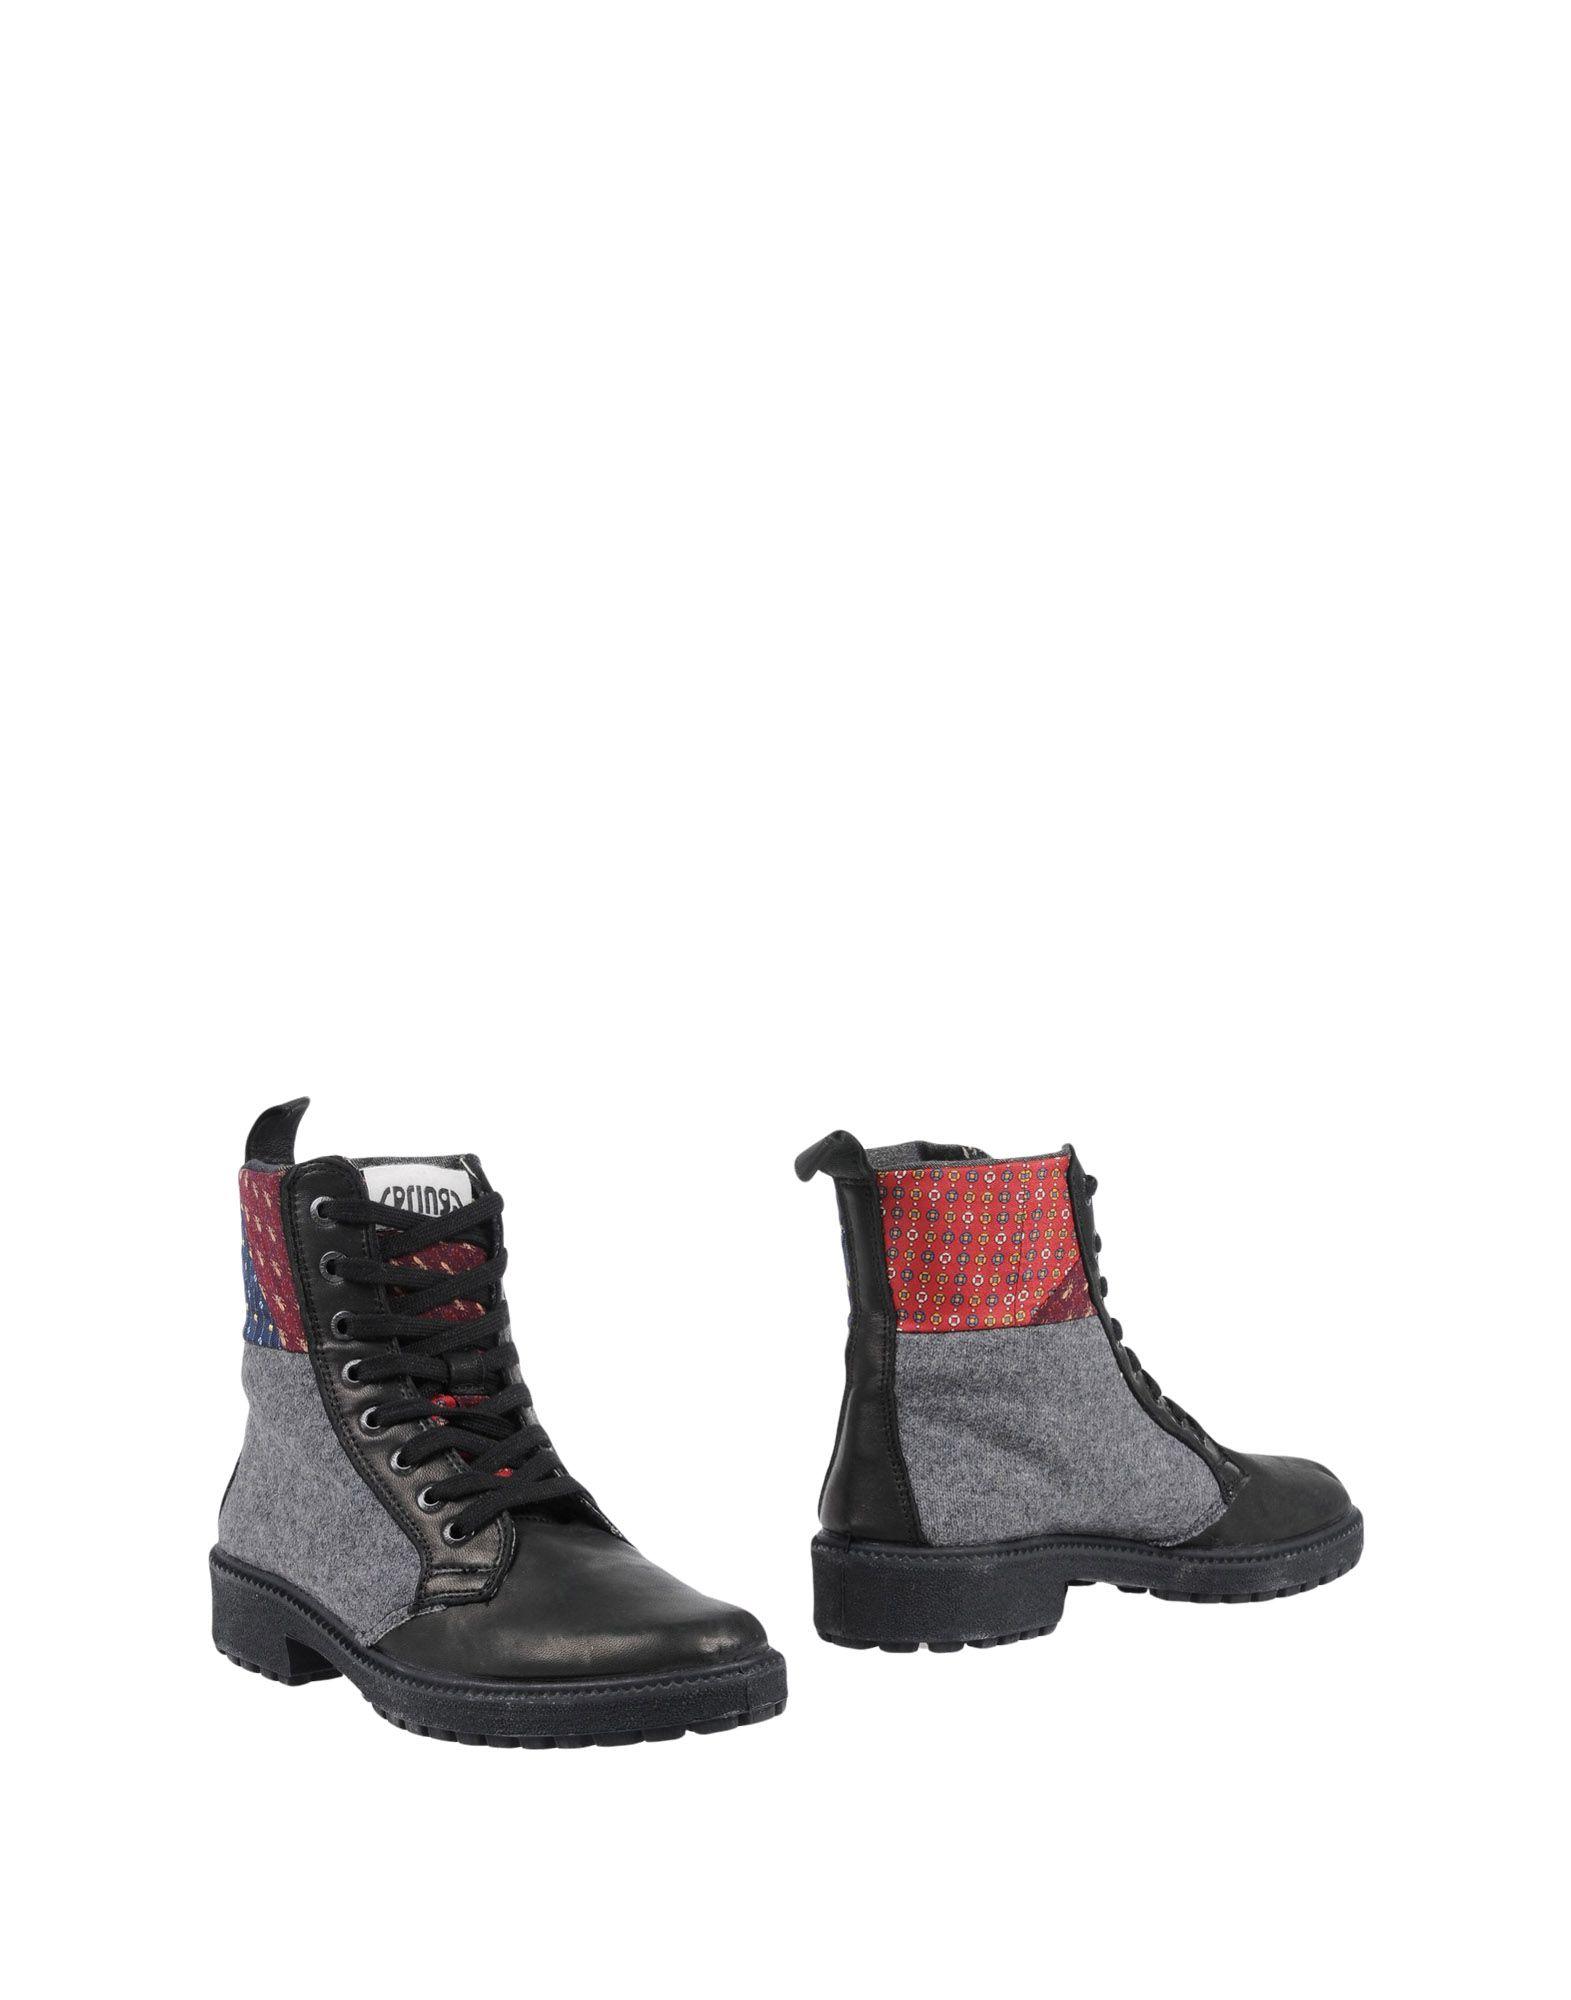 Springa Stiefelette Damen  11451217SJ Gute Qualität beliebte Schuhe